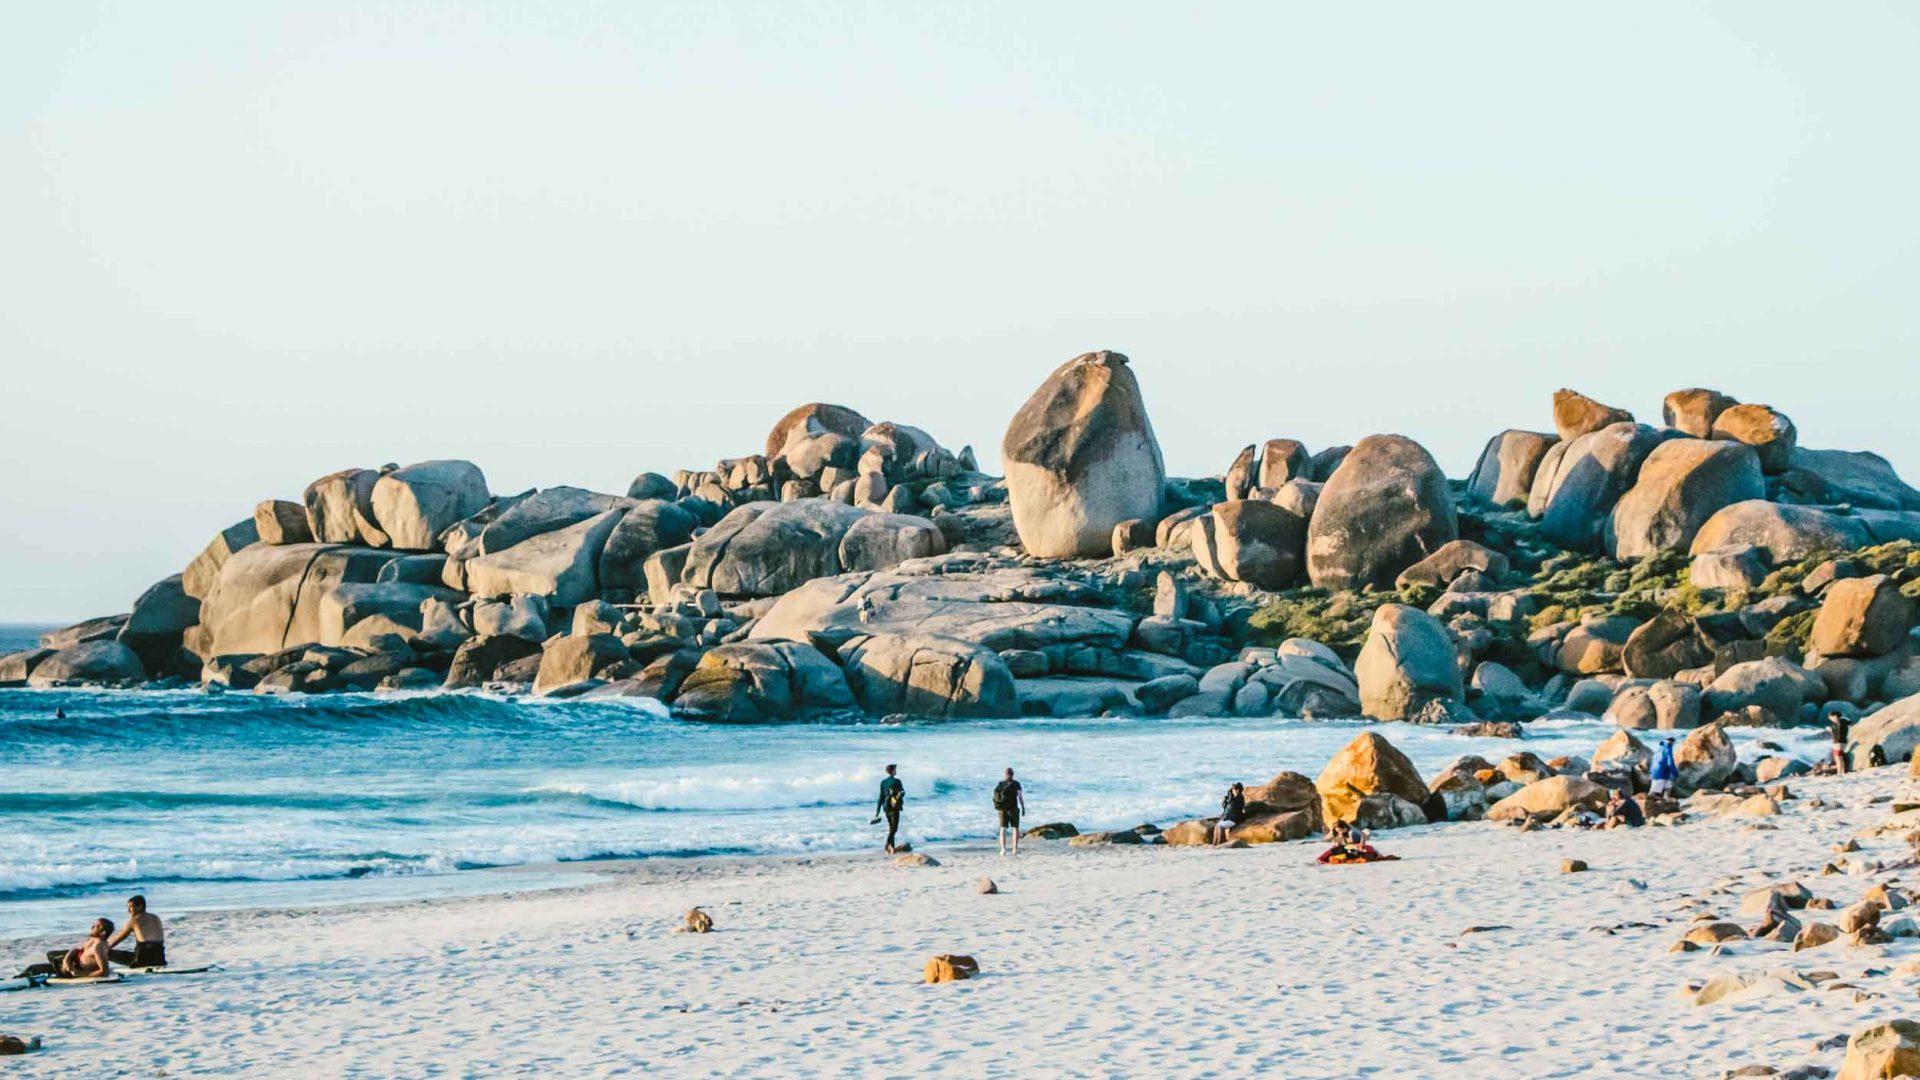 The beach at Llandudno, Cape Town, South Africa.